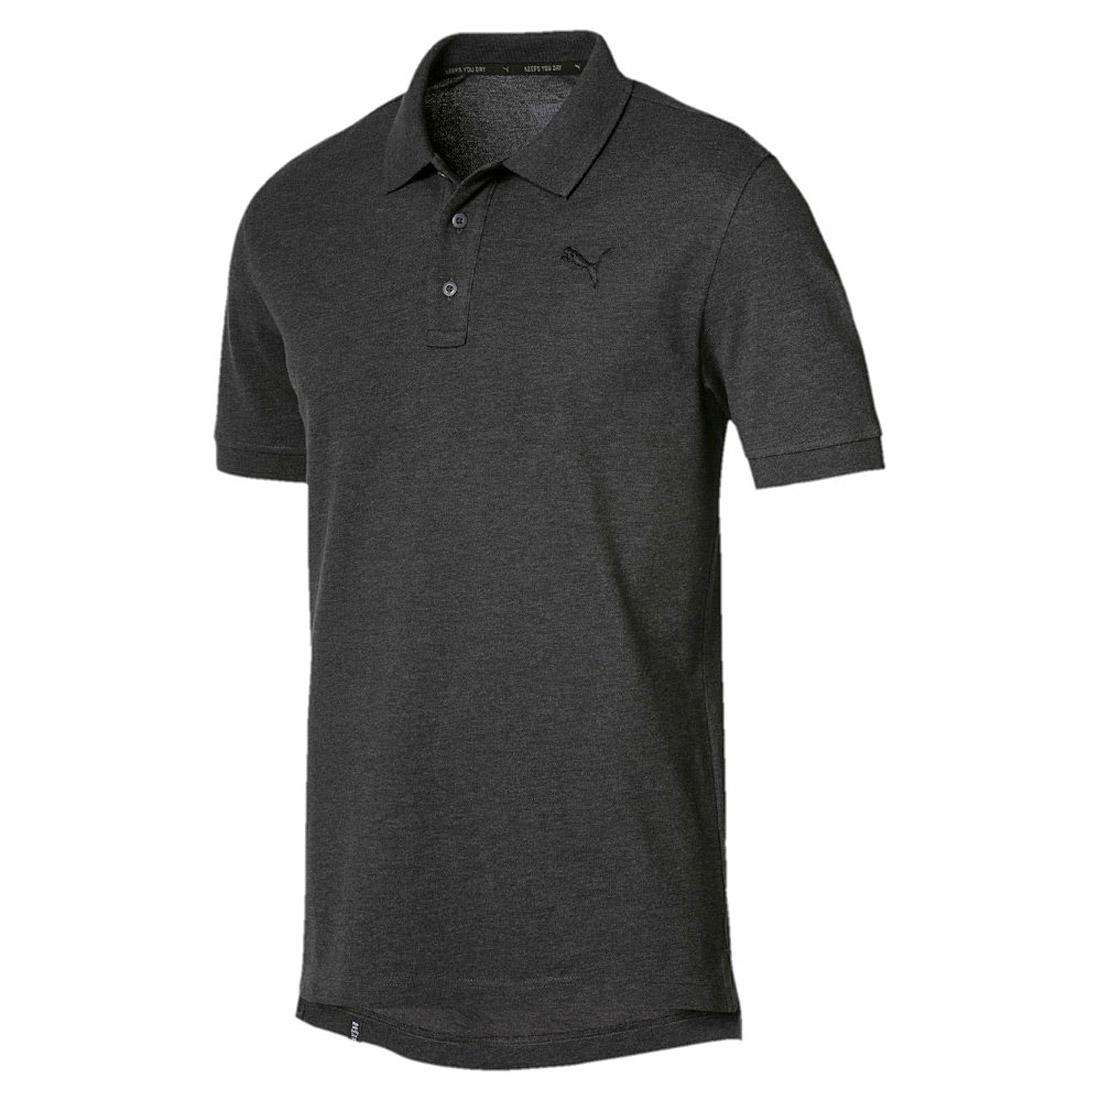 puma herren ess pique polo shirt keeps you dry dark grey. Black Bedroom Furniture Sets. Home Design Ideas